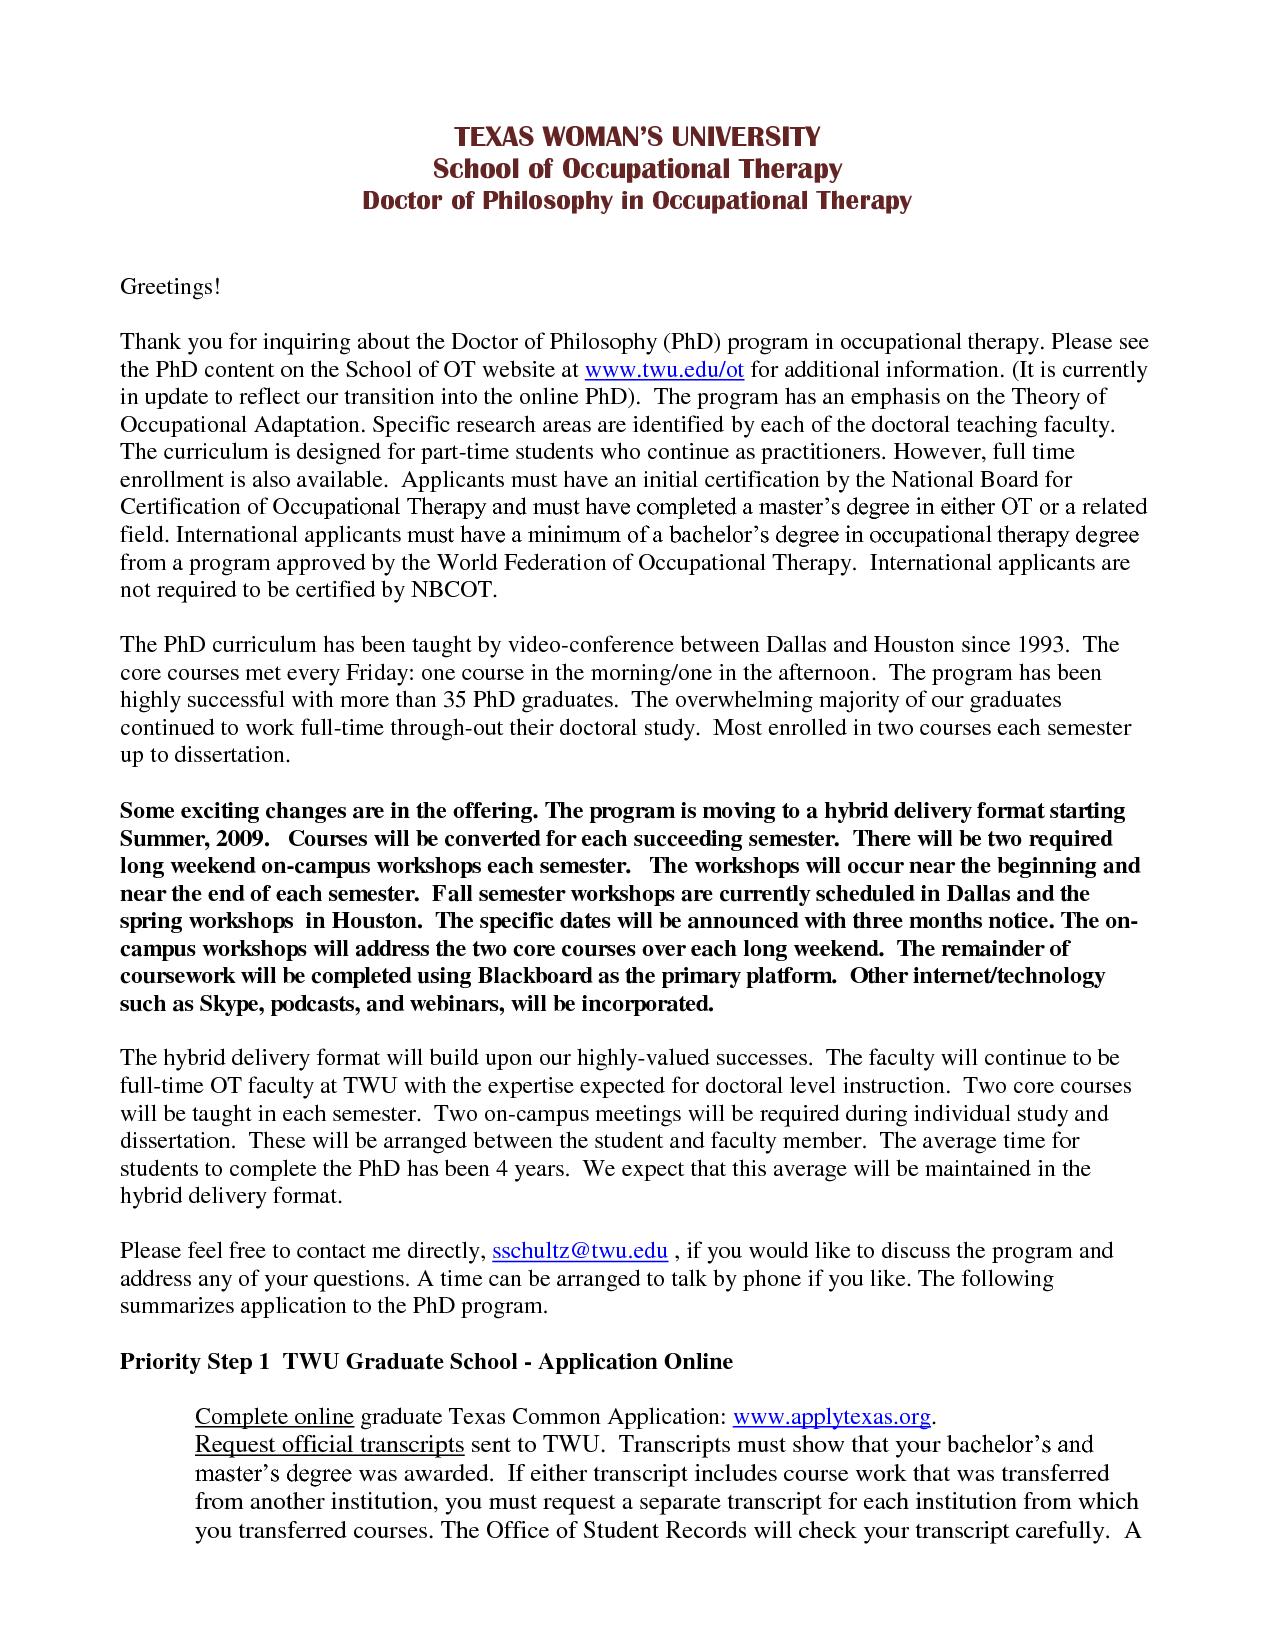 007 Apply Texas Essays Fall P2nuwjbgnb Essay Impressive 2015 Full